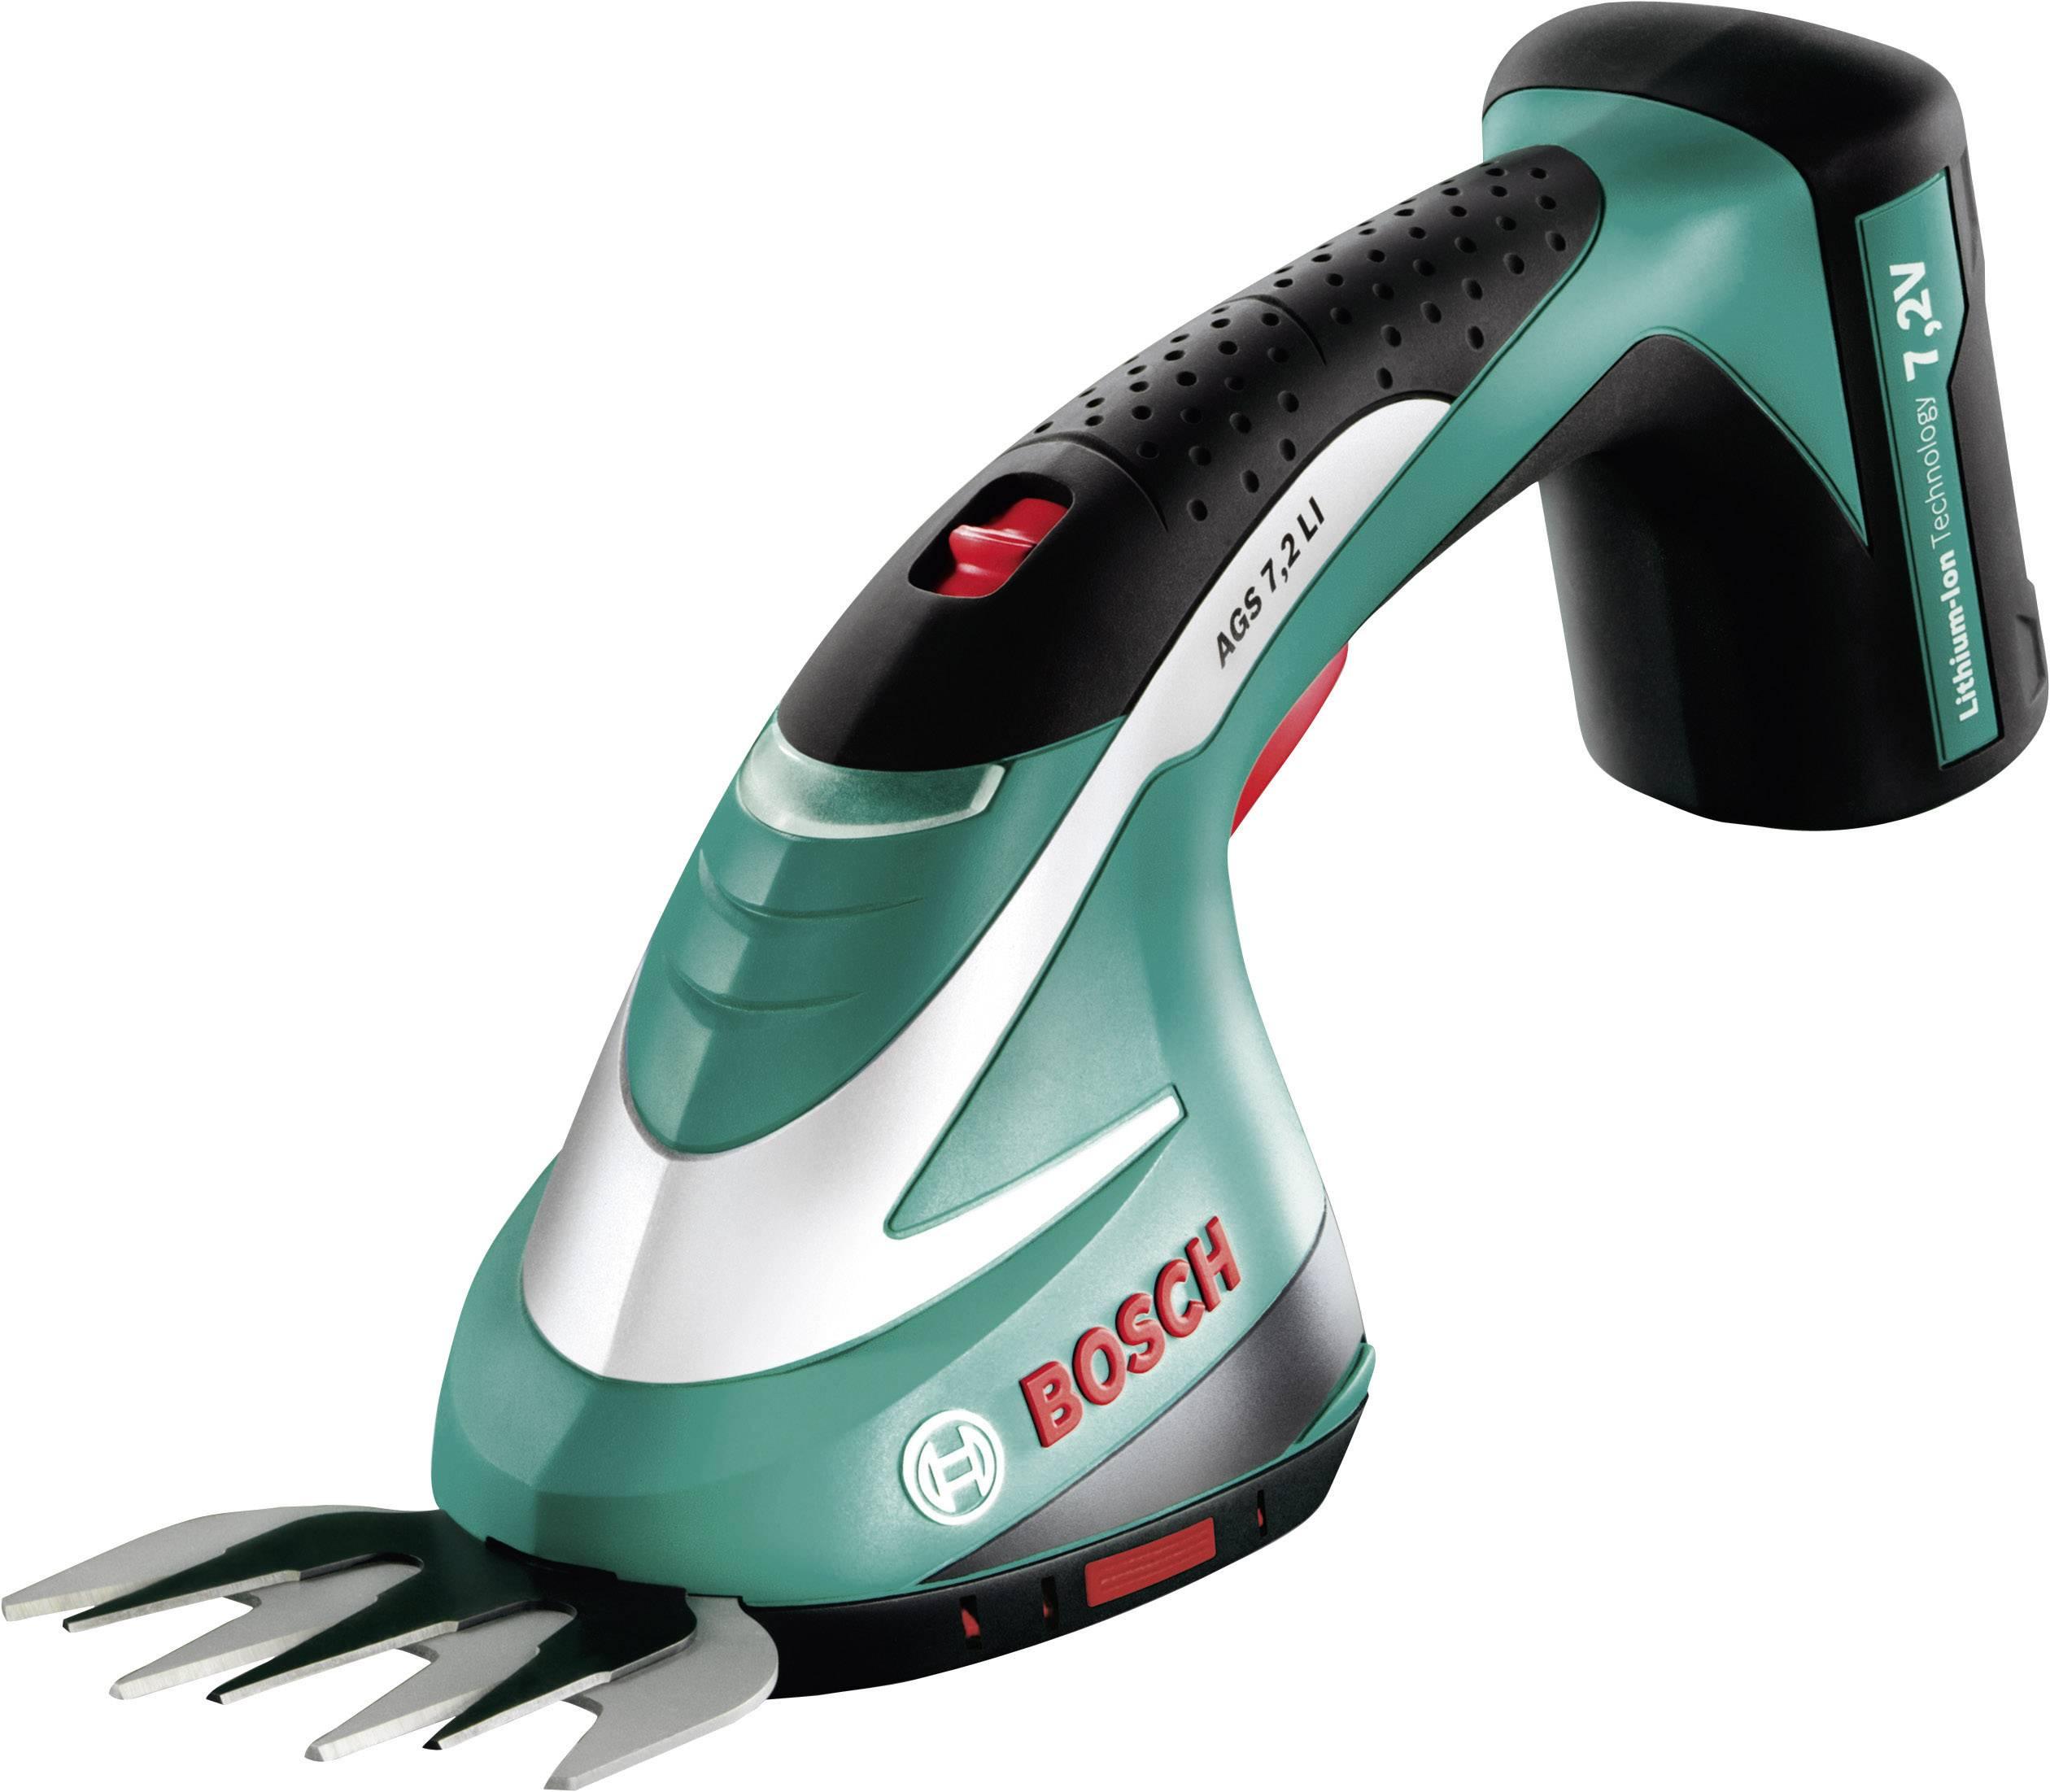 Nožnice na trávu Bosch Home and Garden AGS 7,2 Li, na akumulátor